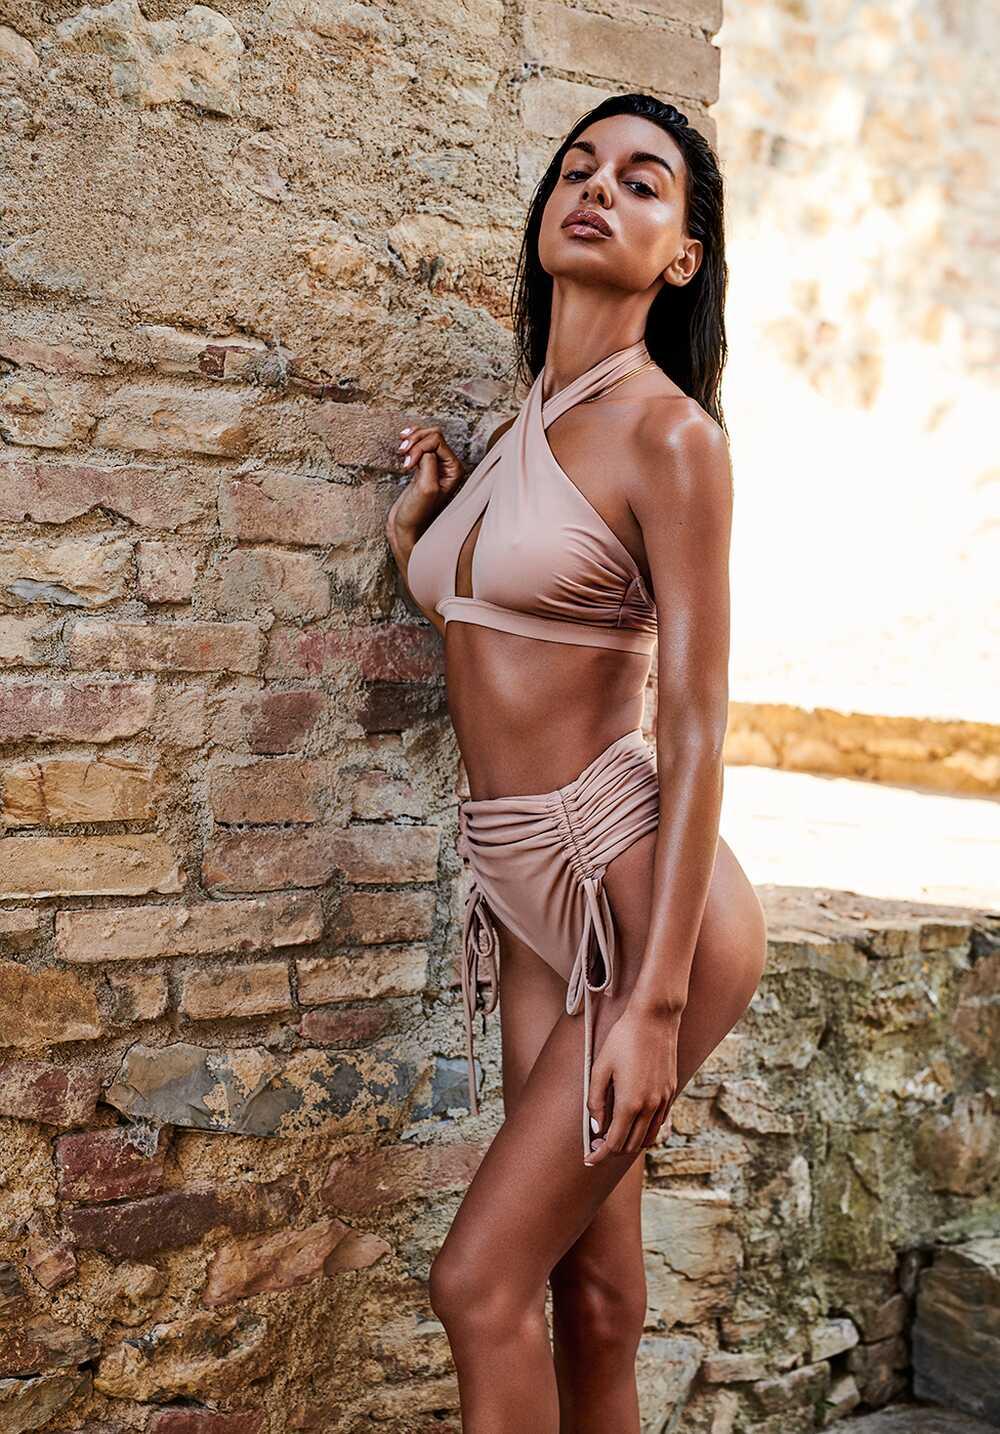 Afbeelding4 Artikel: Beige Bikini met hoge taille Variant: 1134 Parent:  Datum: 05/06/2020 21:23:29